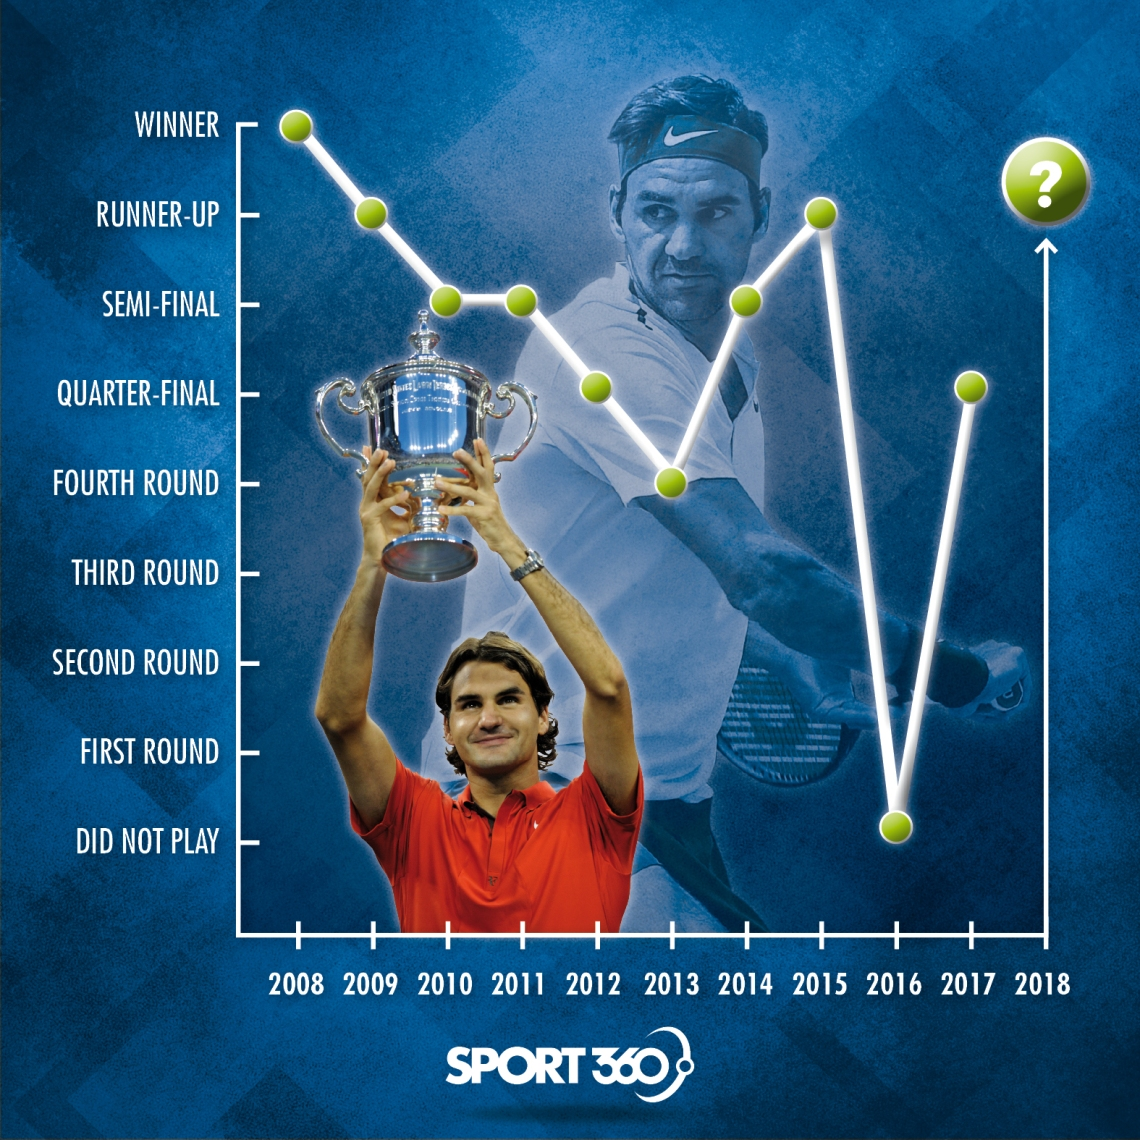 25 08 Federer US open